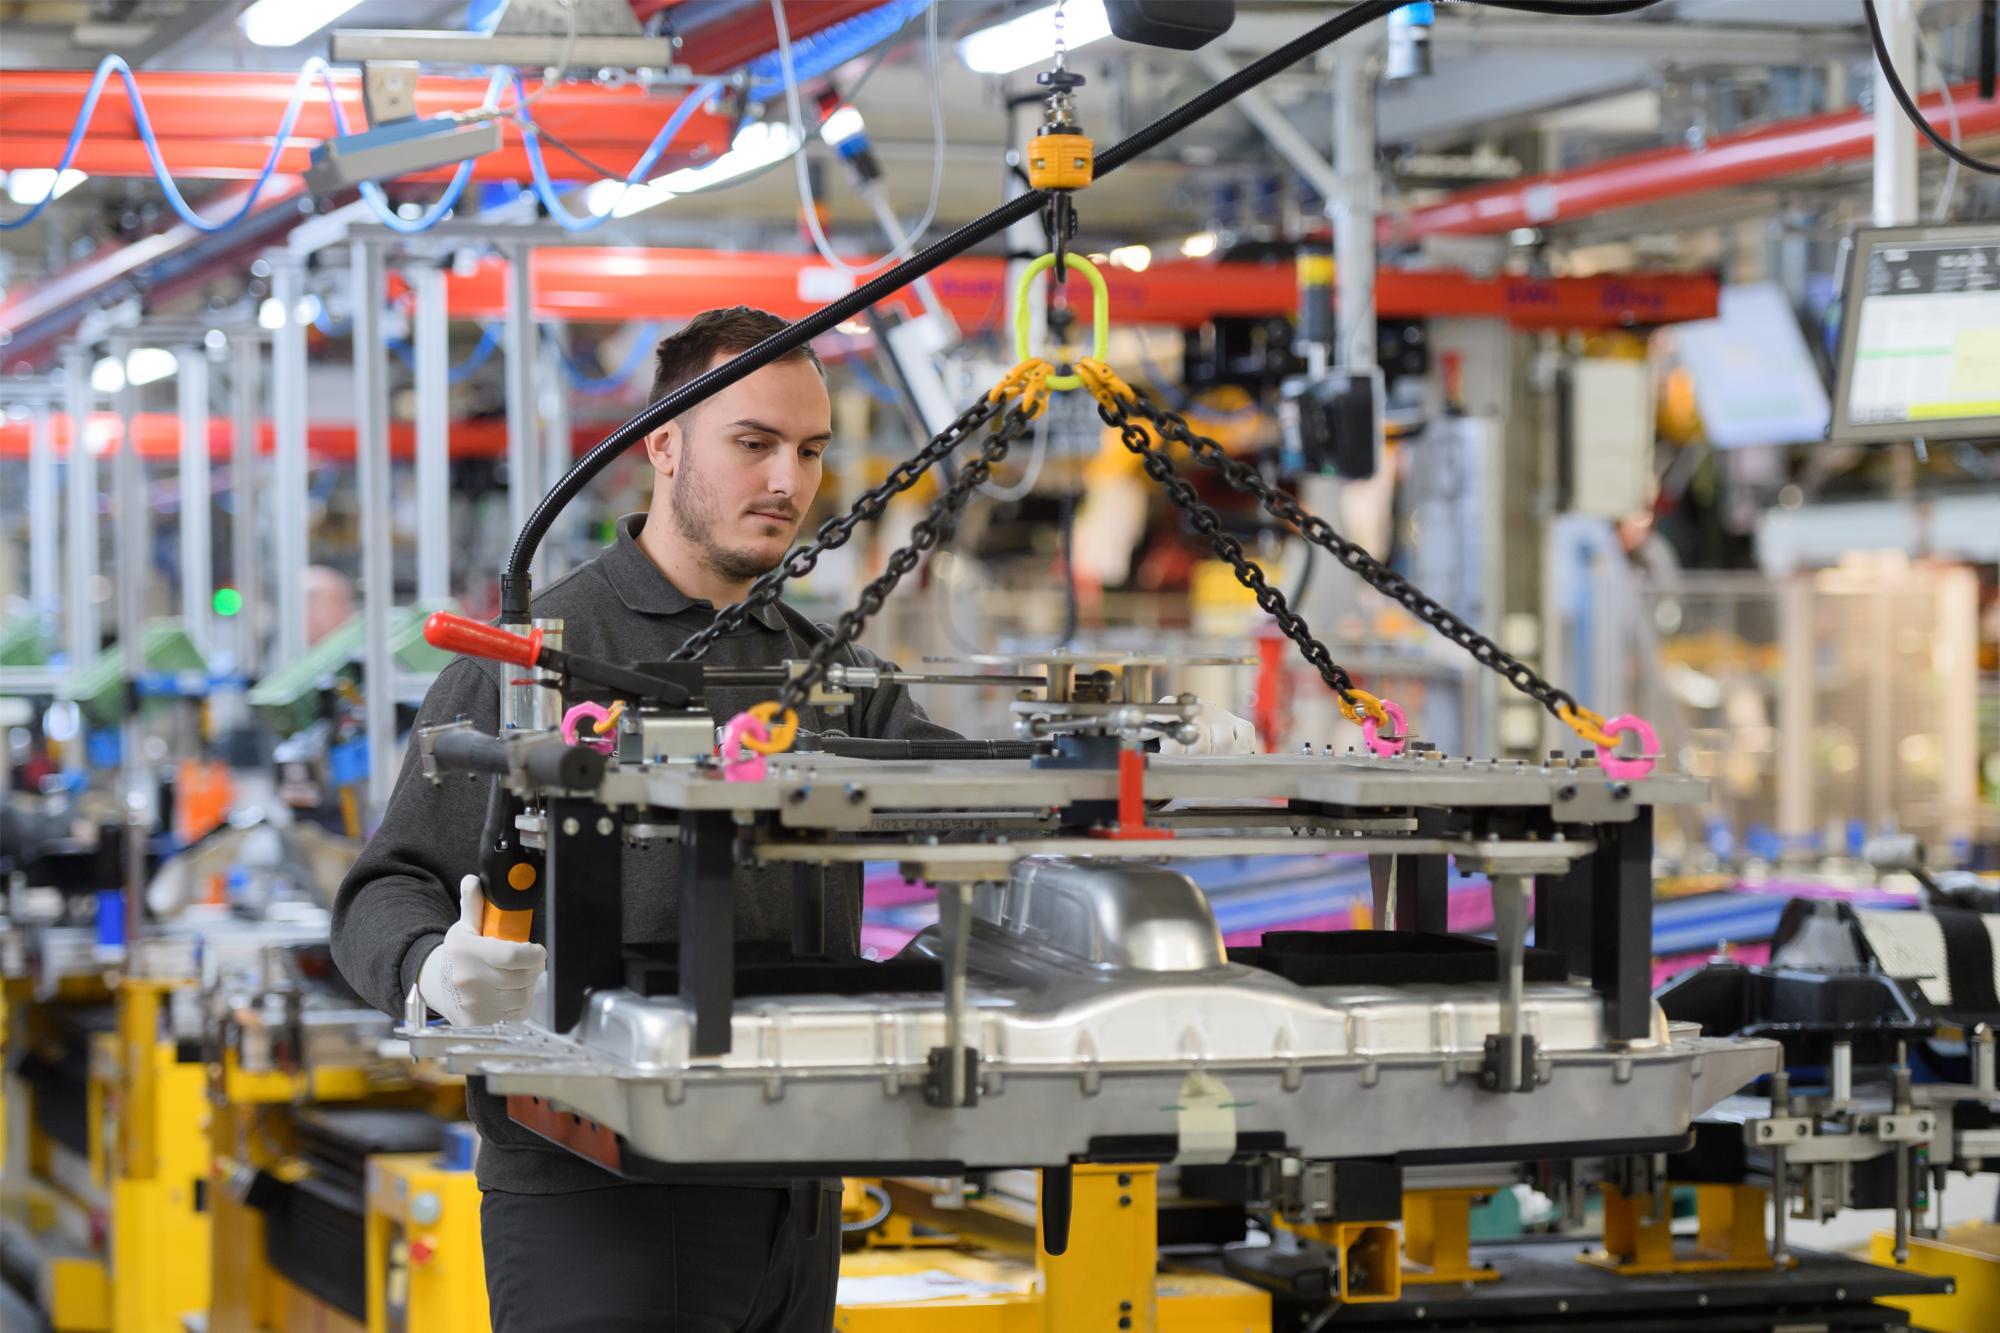 Οι Jaguar και Land Rover επεκτείνουν τη σειρά ηλεκτροκίνητων με τρικύλινδρο plug-in hybrid